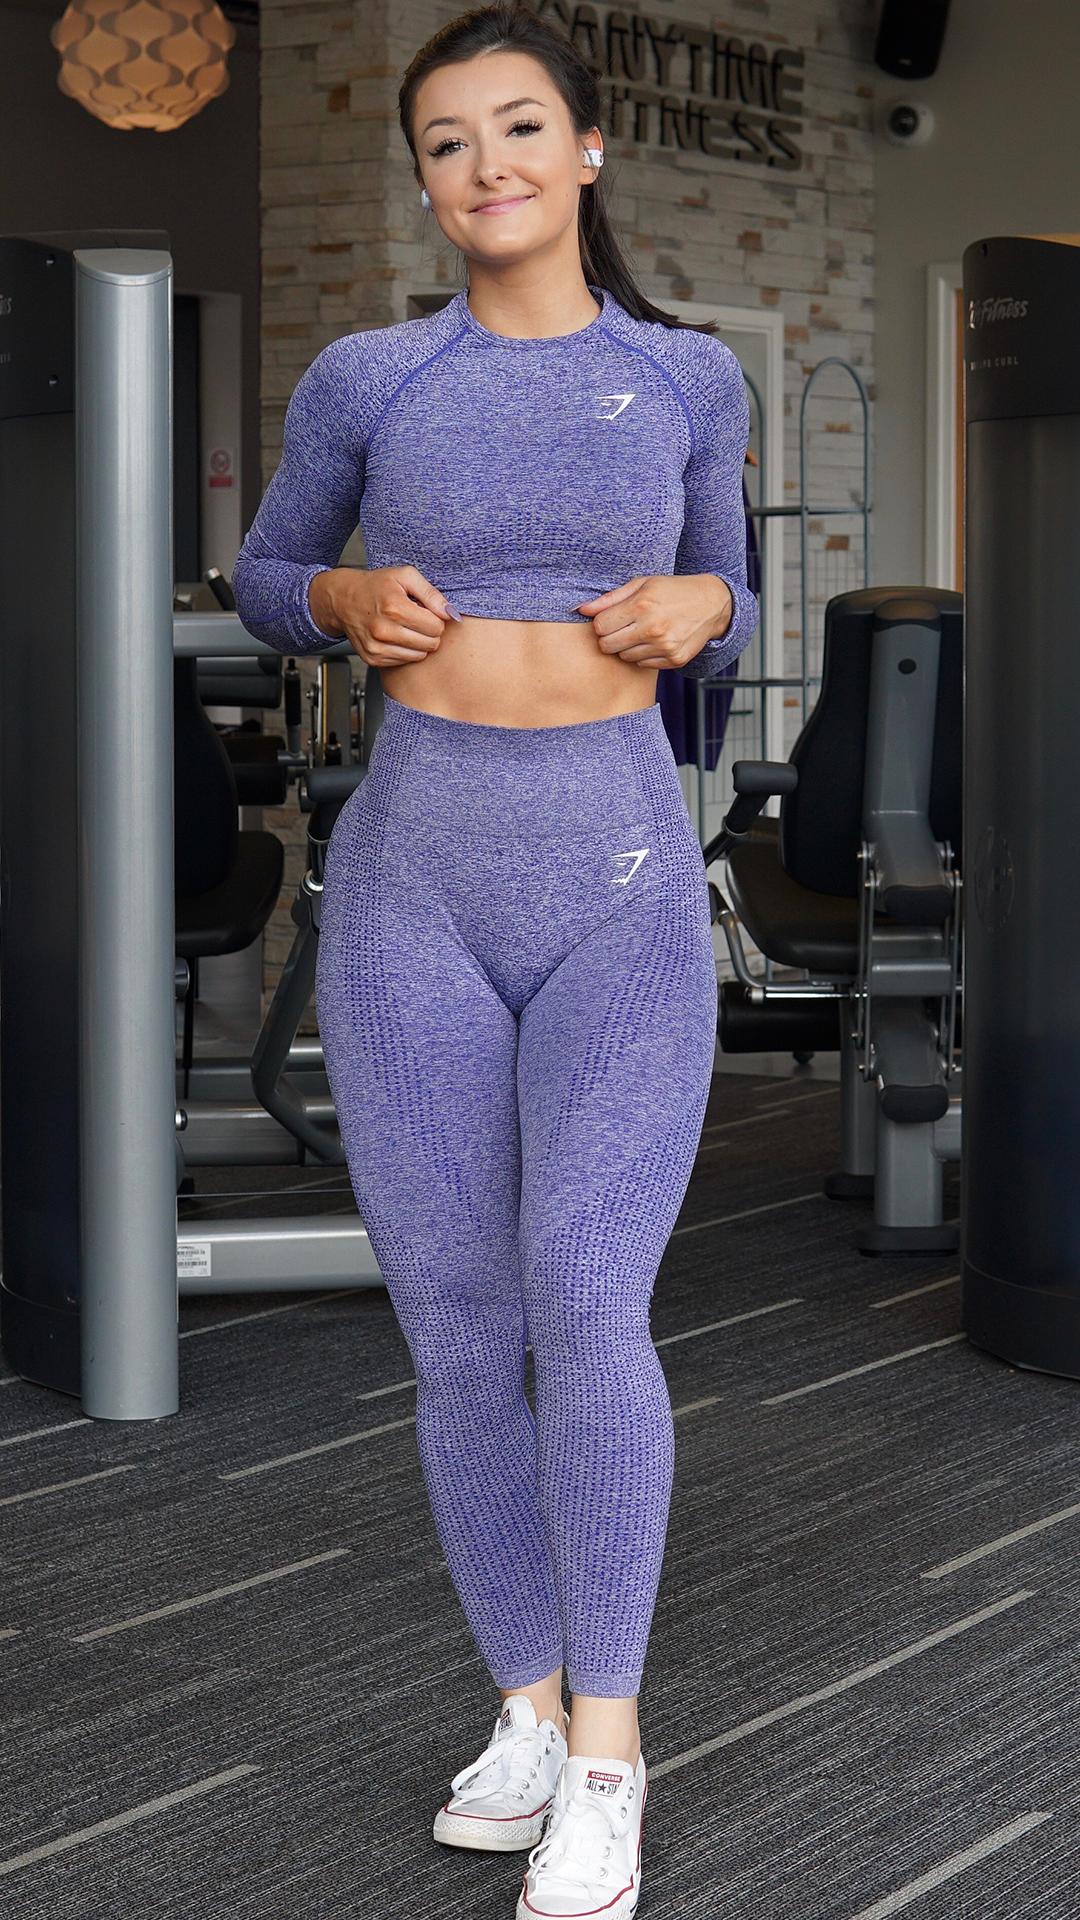 1cd77baf2d4b4 Beth Tomlinson rocks the Vital Seamless in the gym